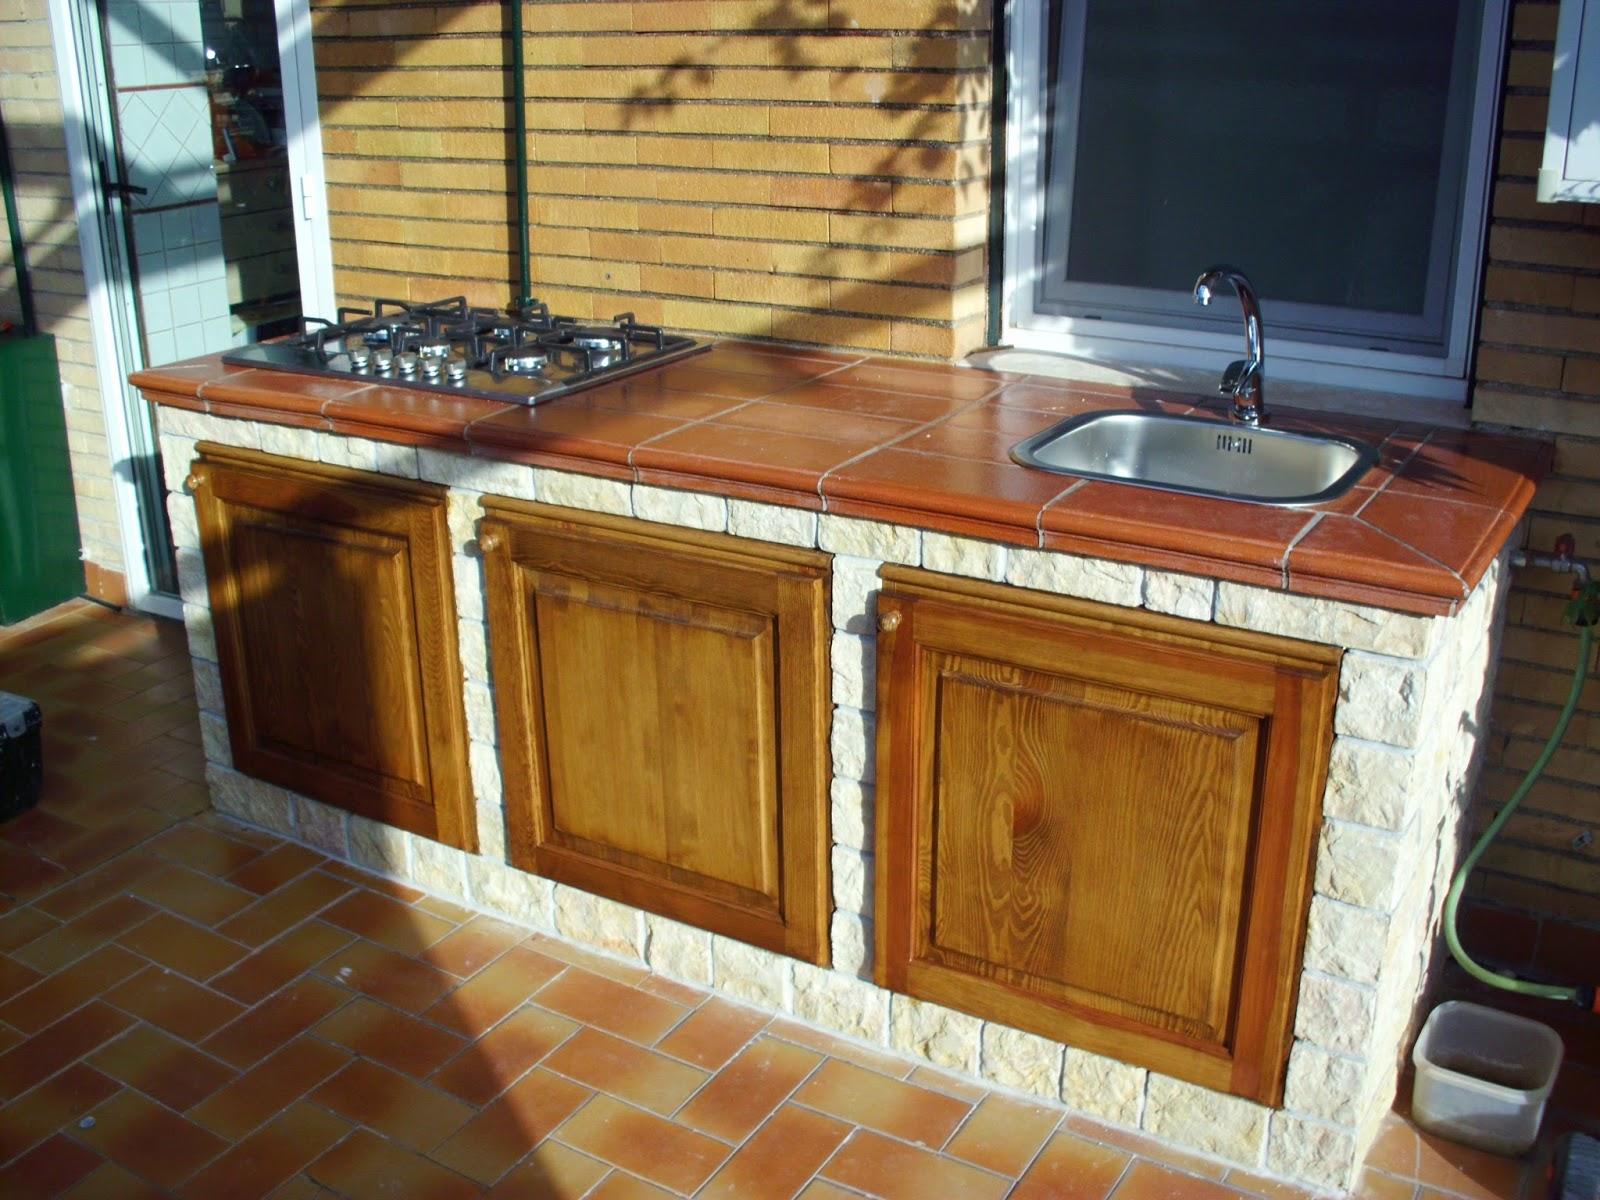 Edilizia roma ristrutturazioni edilizia ro ma s n c - Cucina da esterno ...